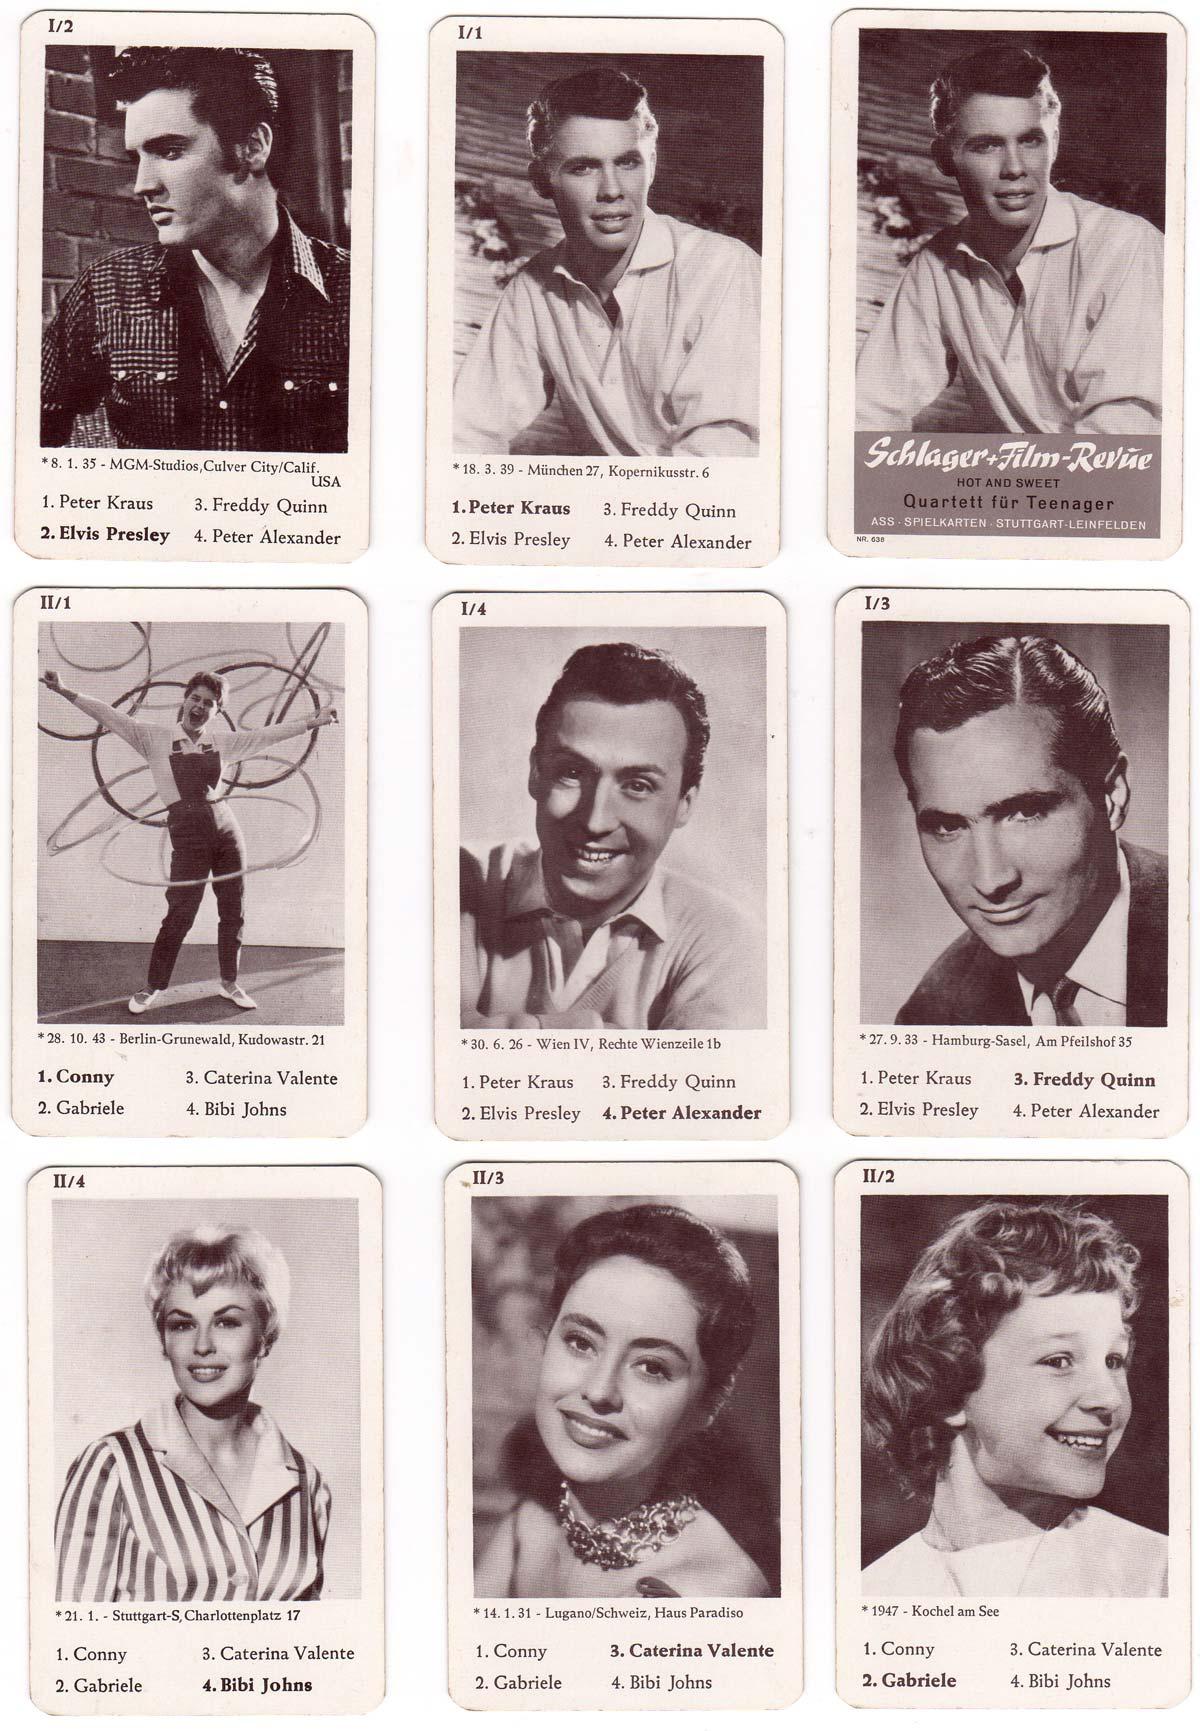 """Schlager Film Revue """"Hot and Sweet"""" Quartett für Teenager, c.1960"""